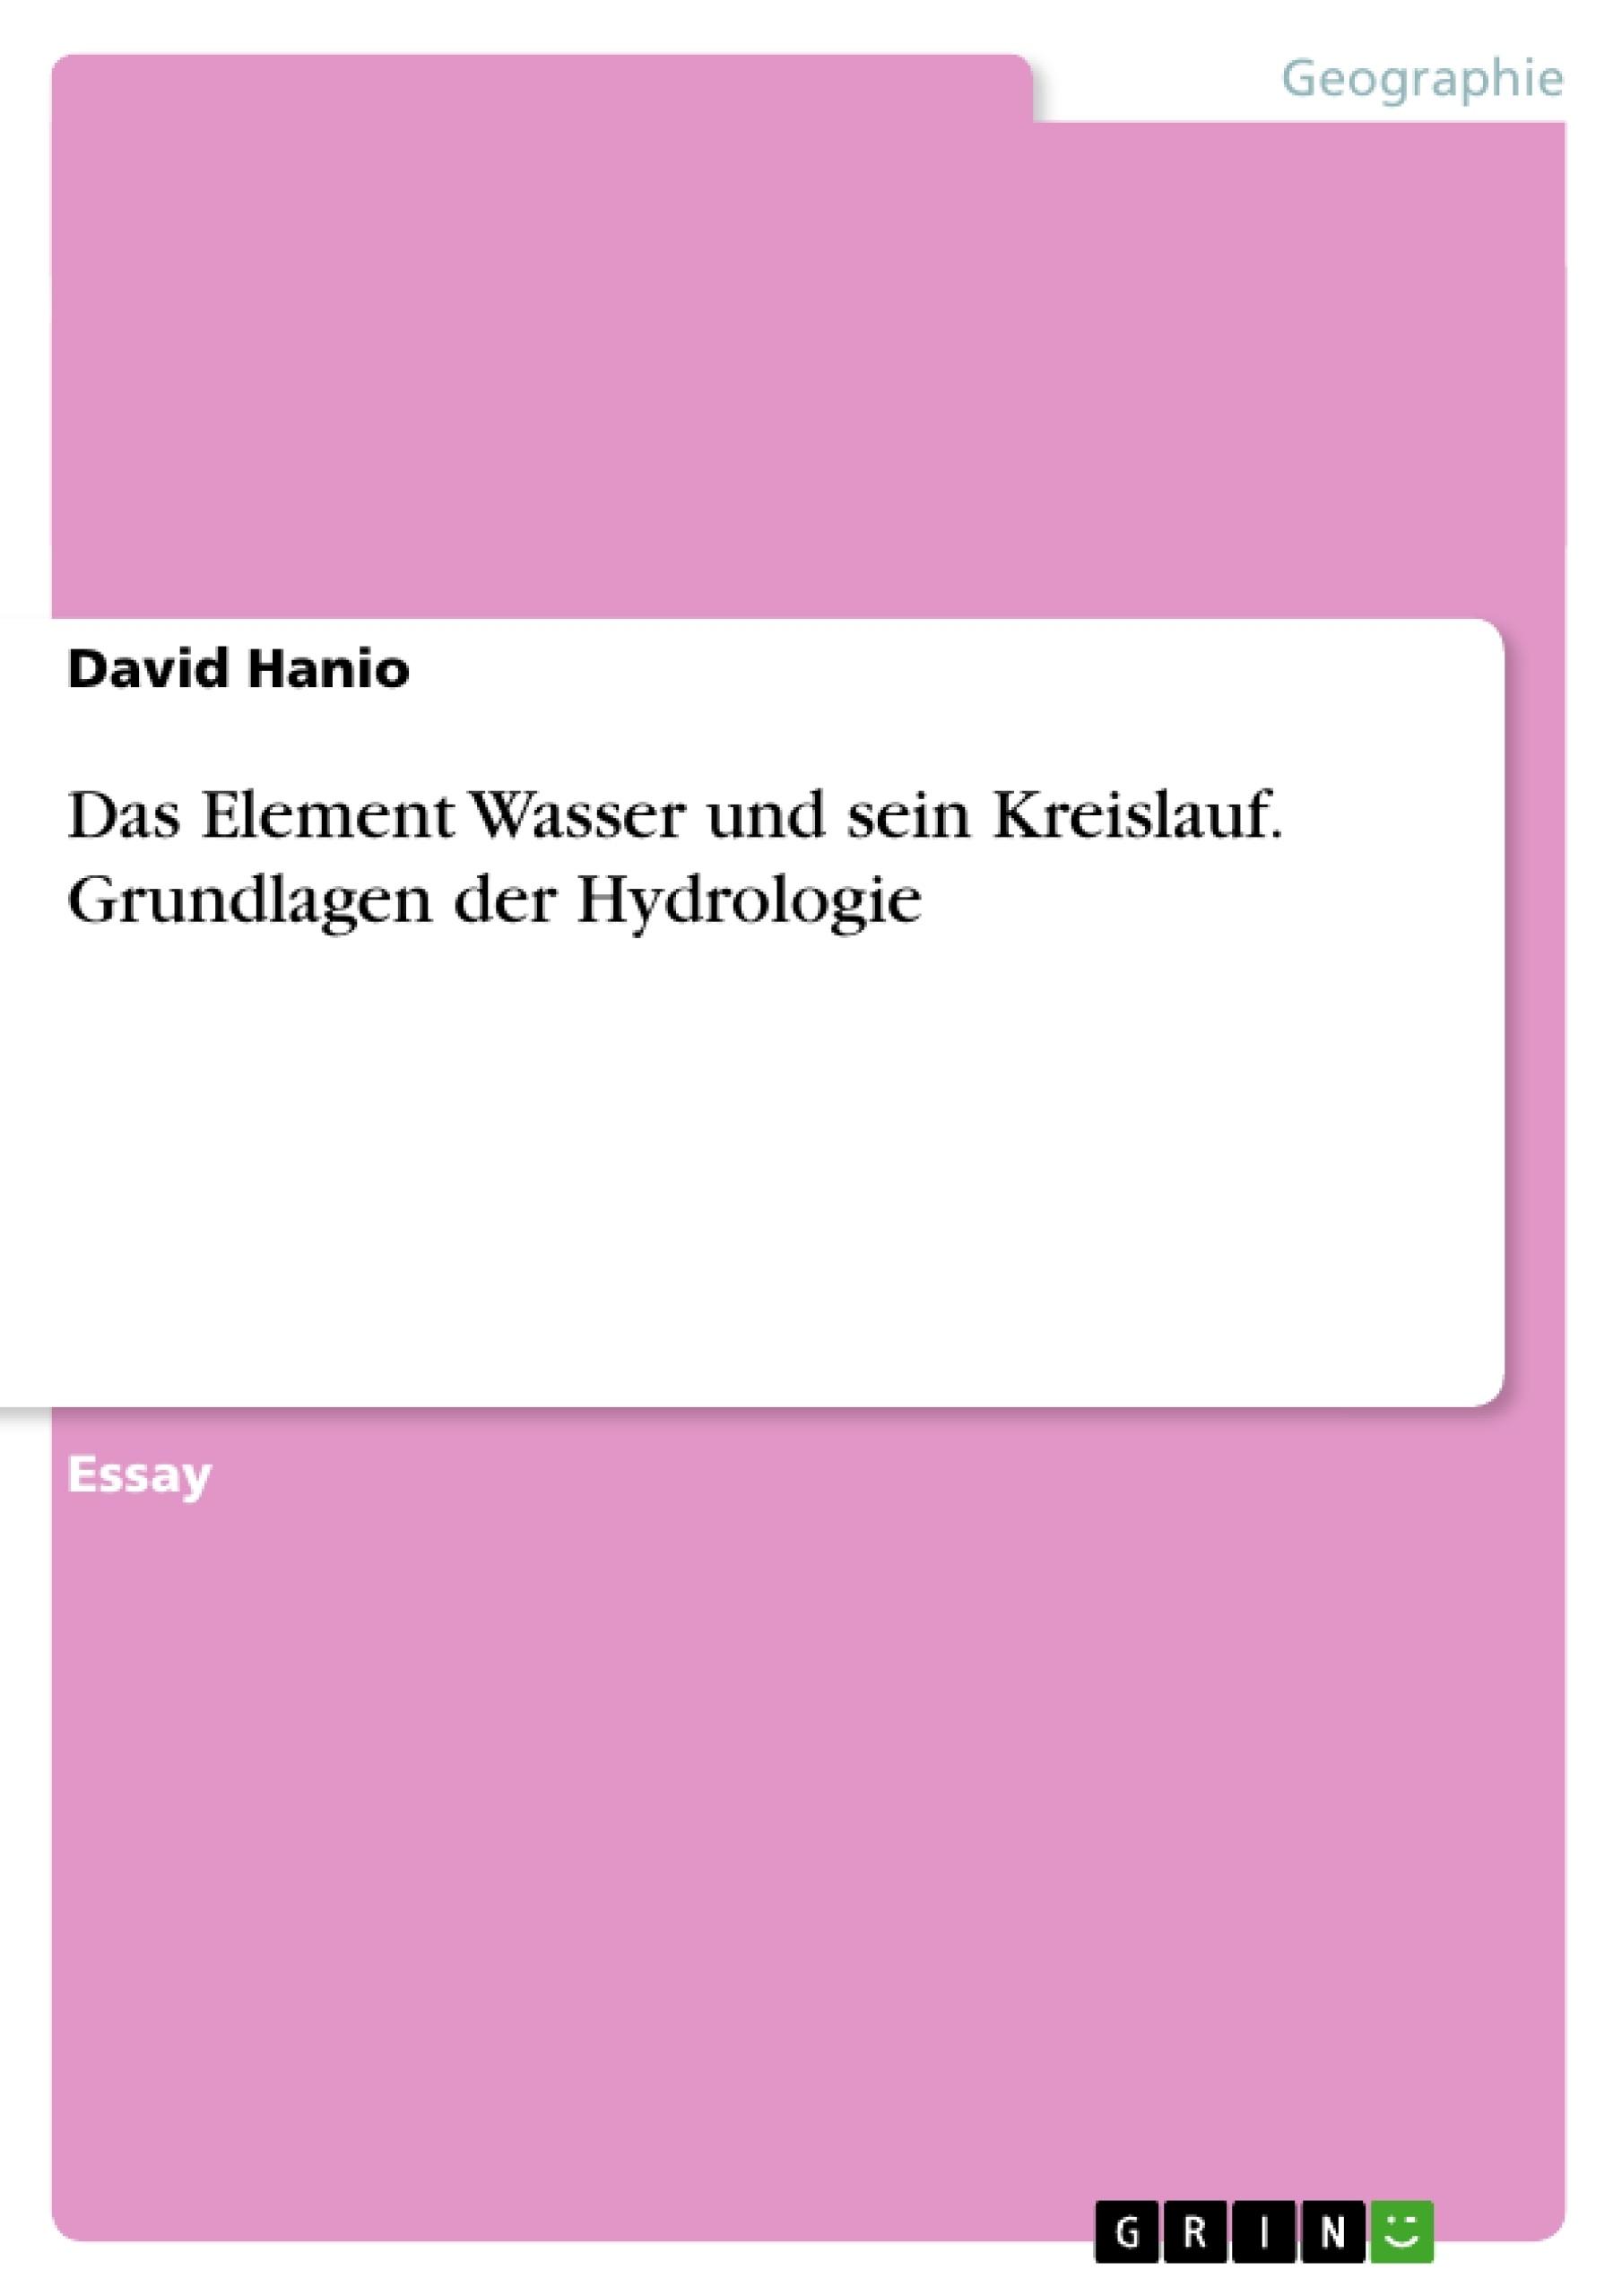 Titel: Das Element Wasser und sein Kreislauf. Grundlagen der Hydrologie